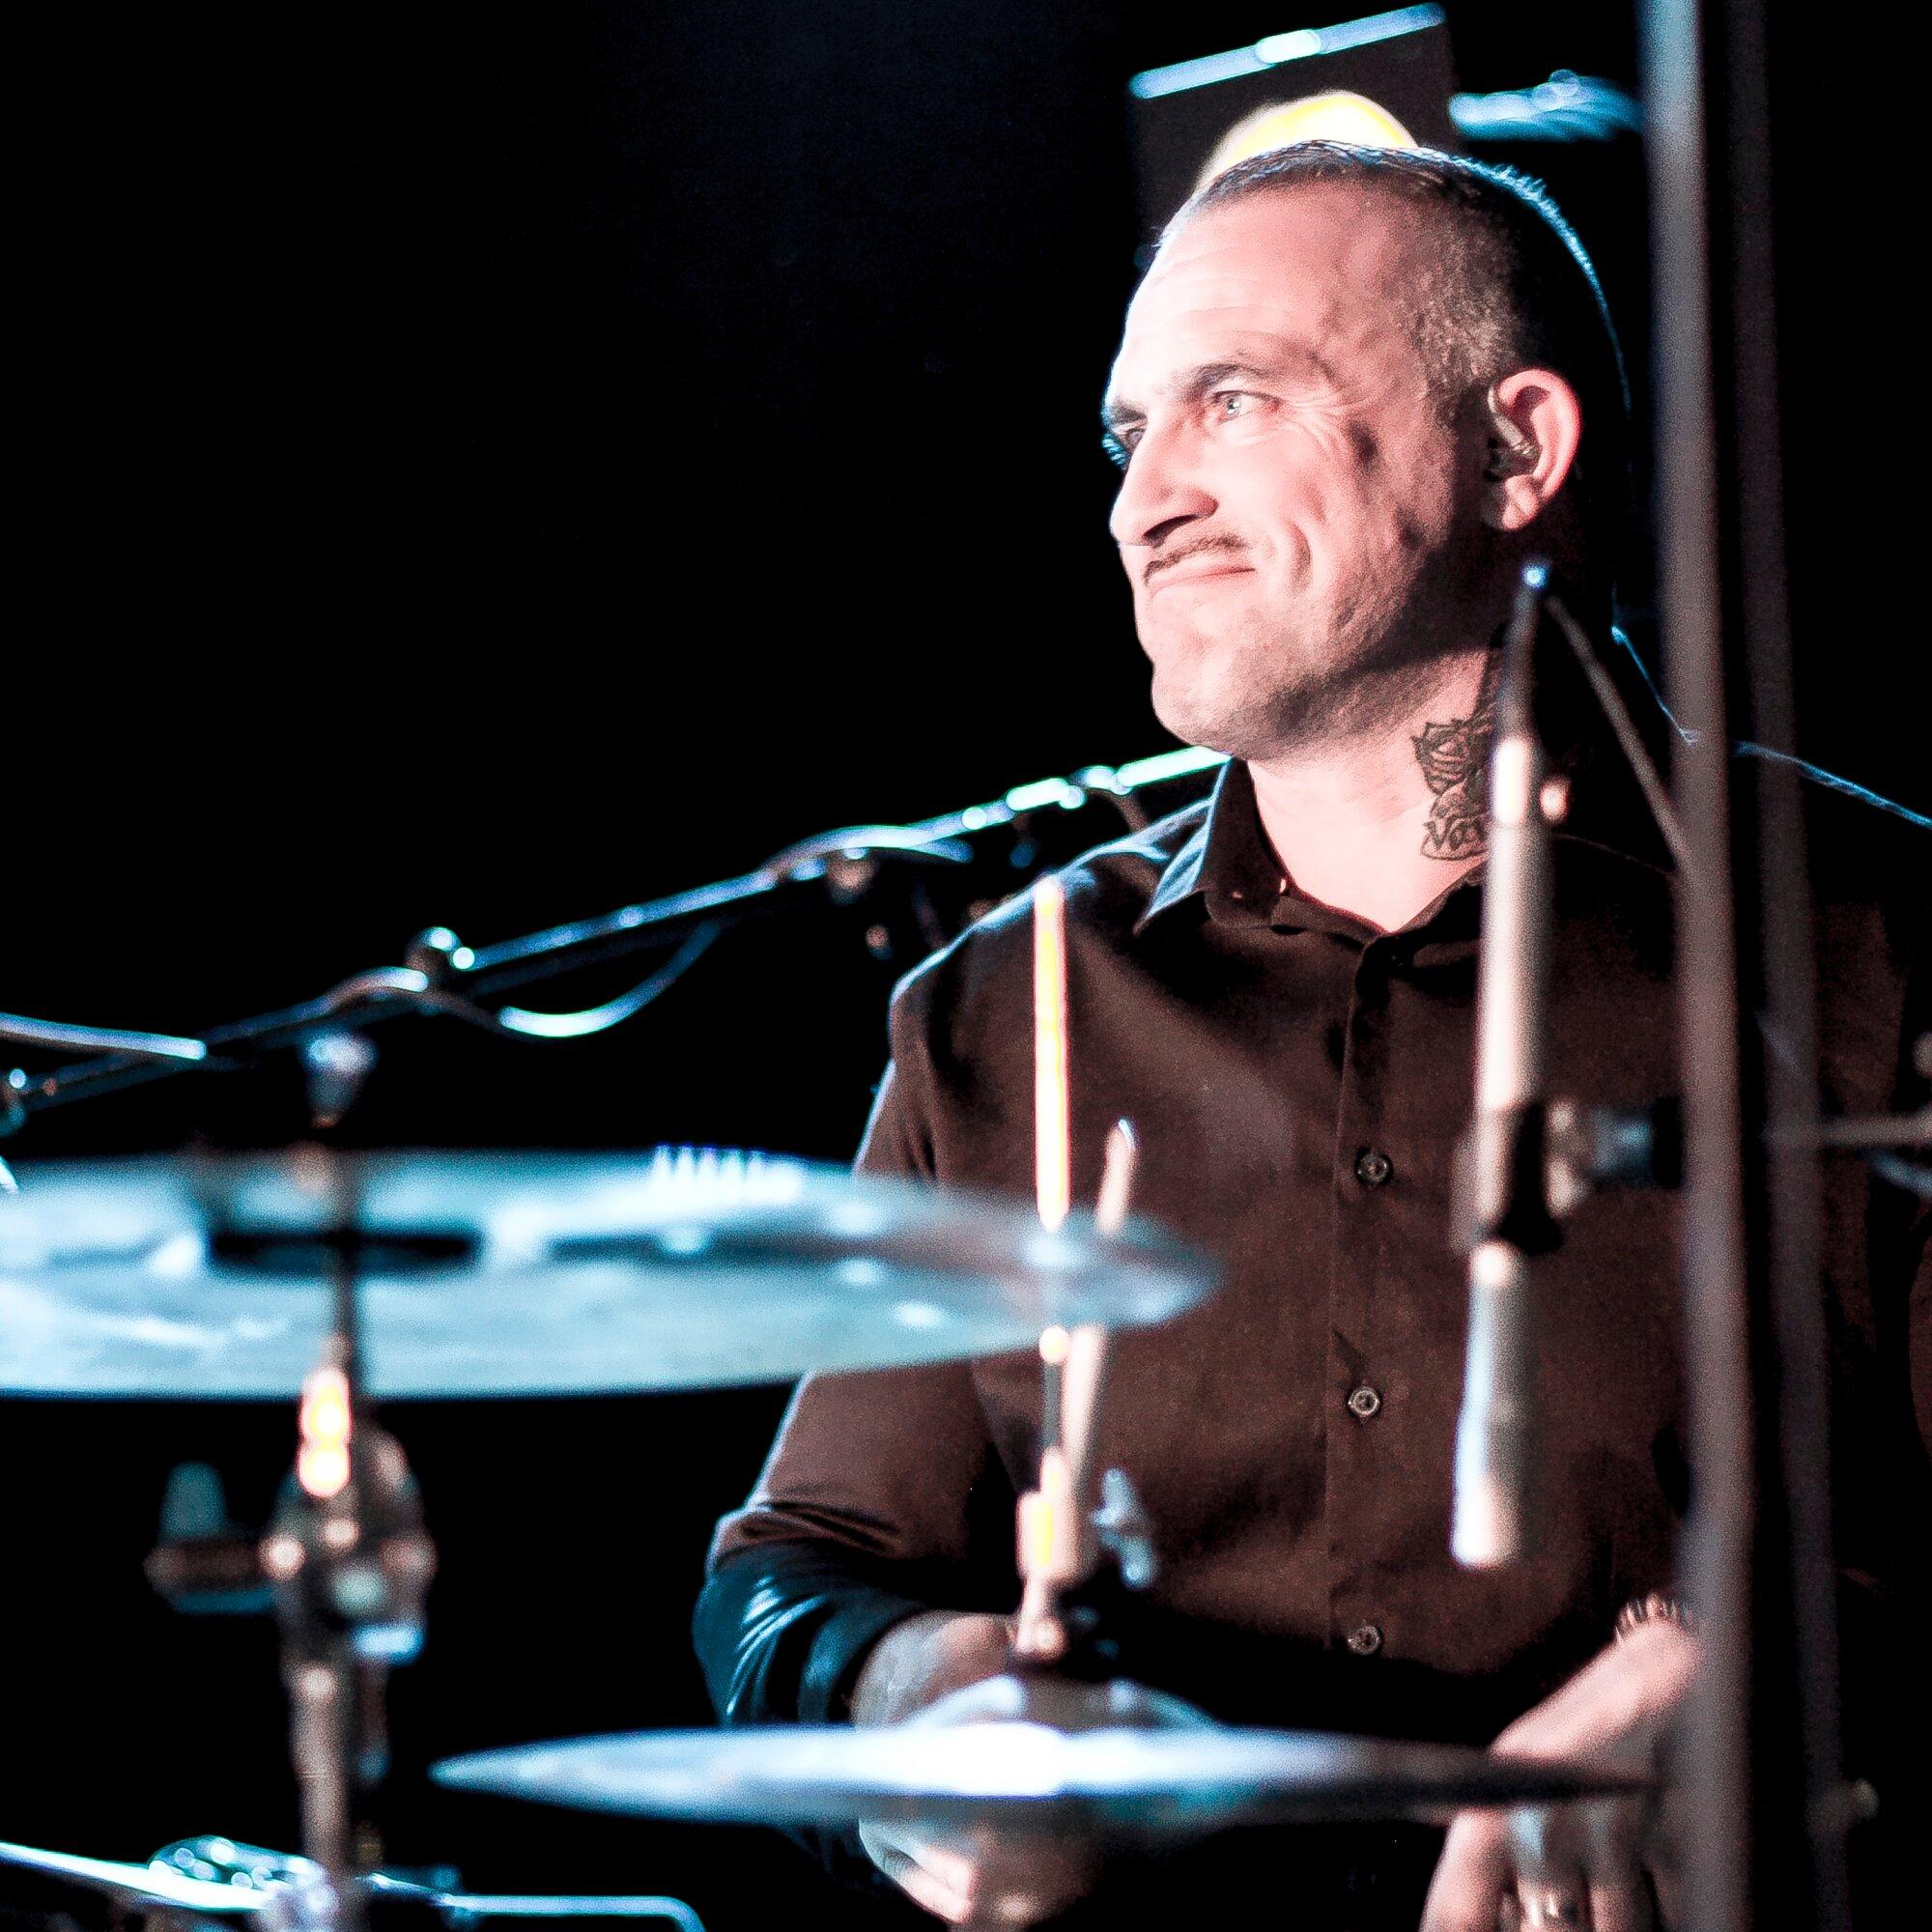 Christophe Boulanger